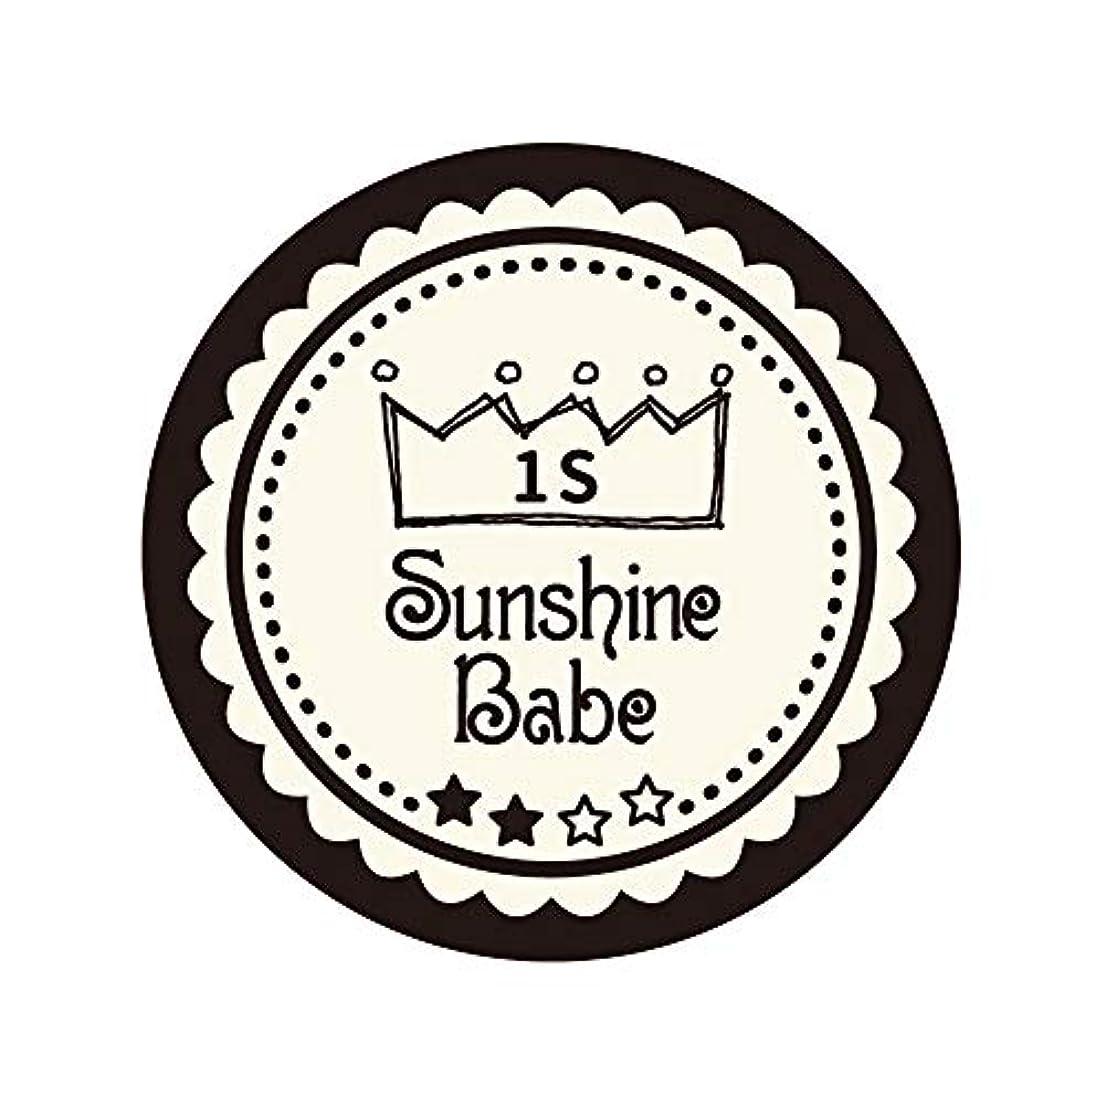 最初に思春期の通信するSunshine Babe コスメティックカラー 1S ココナッツミルク 4g UV/LED対応タイオウ